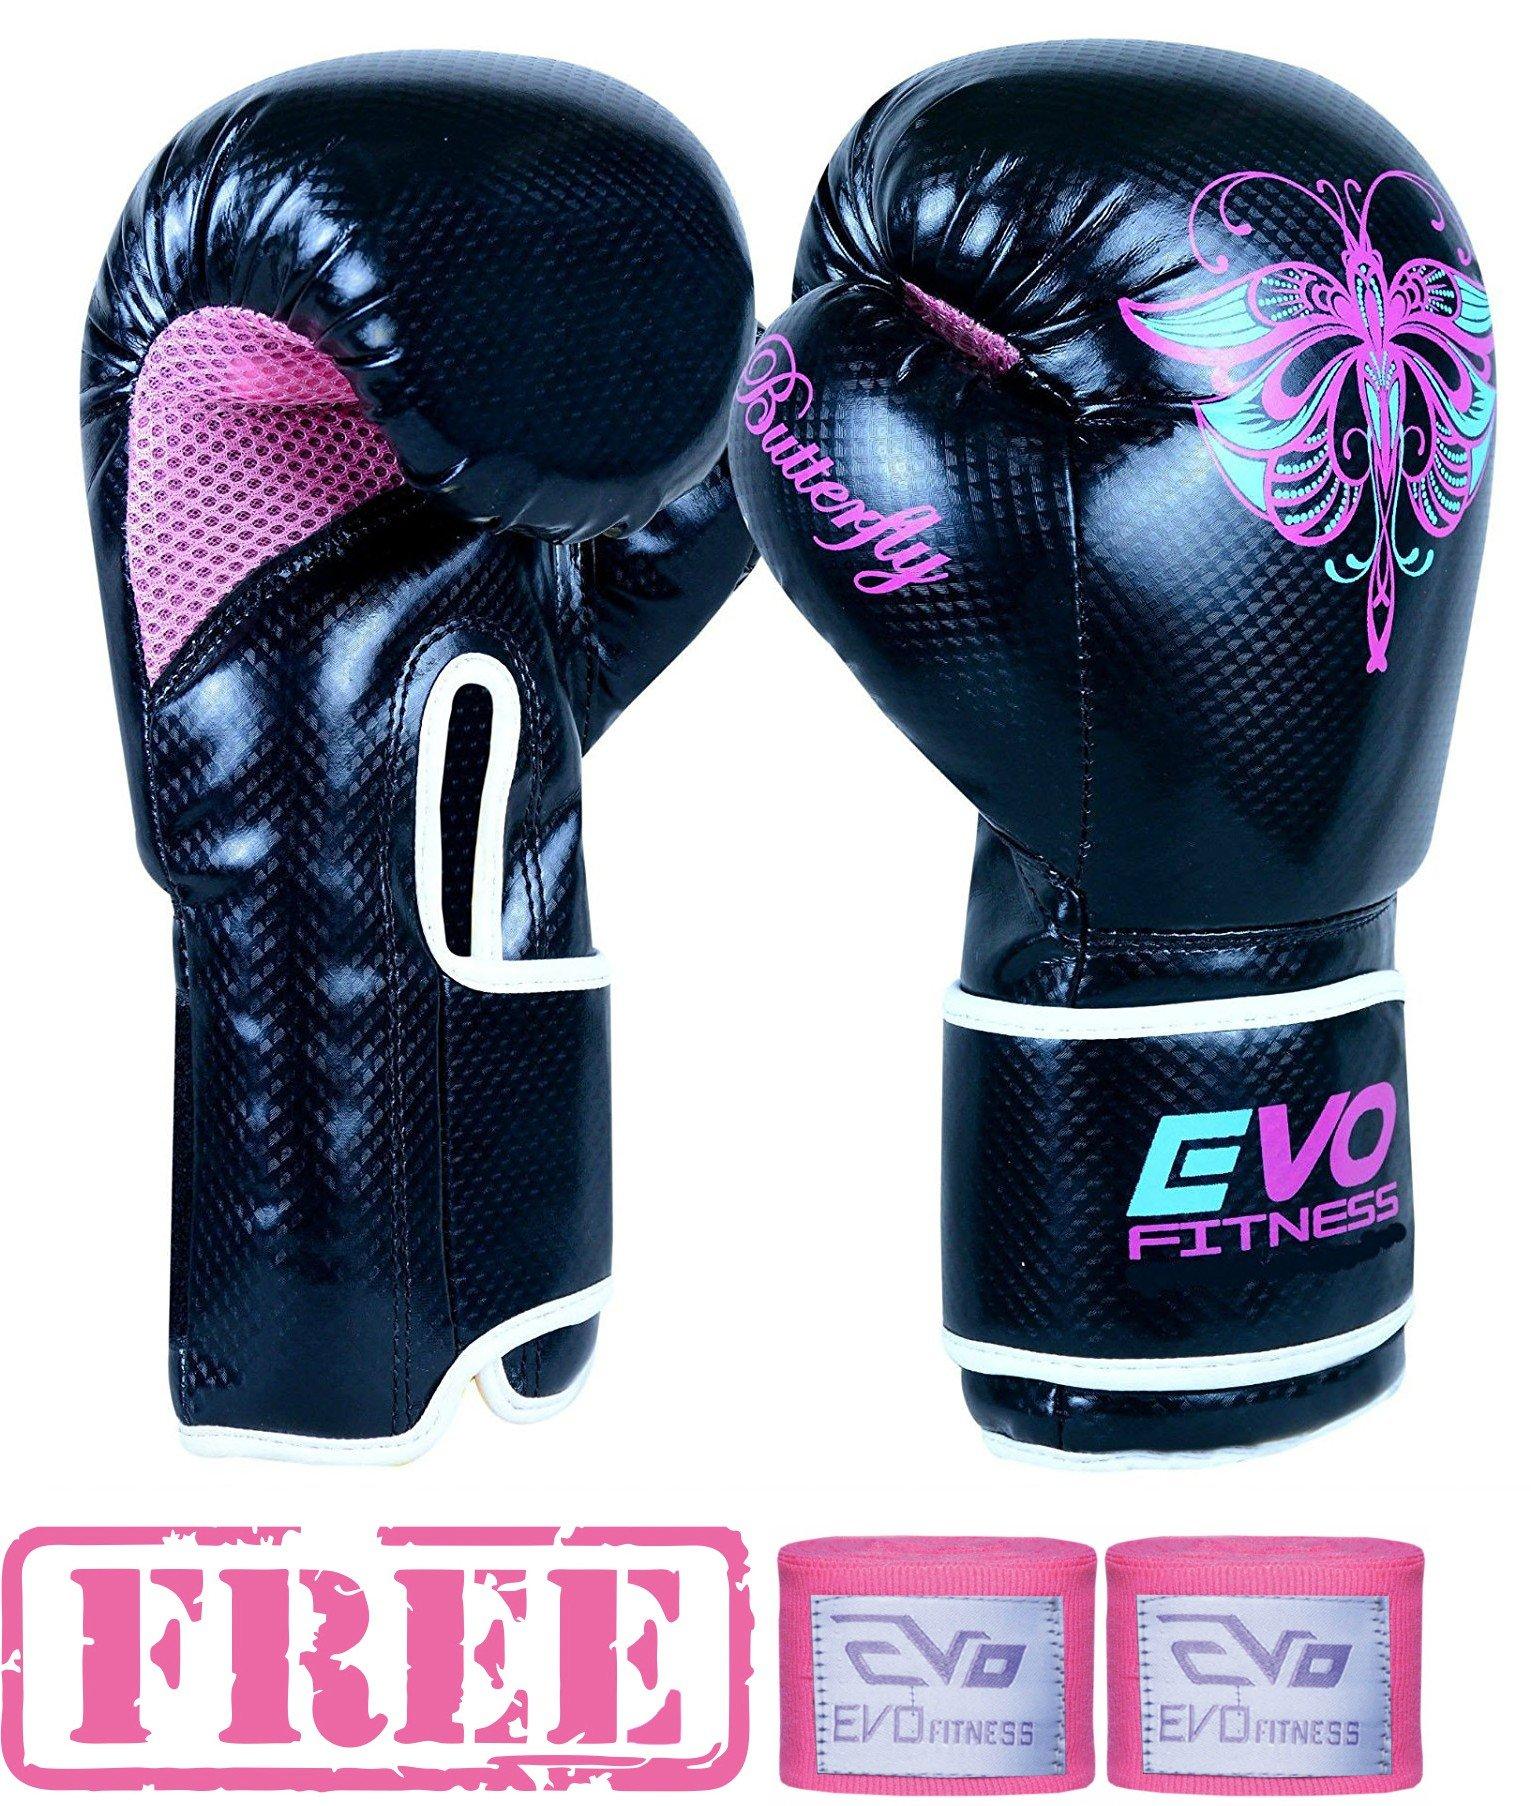 cc697065f21a Evo Fitness - Gants Boxe Femme Cuir Rex Gel Pour Sac De Frappe MMA Muay Thai